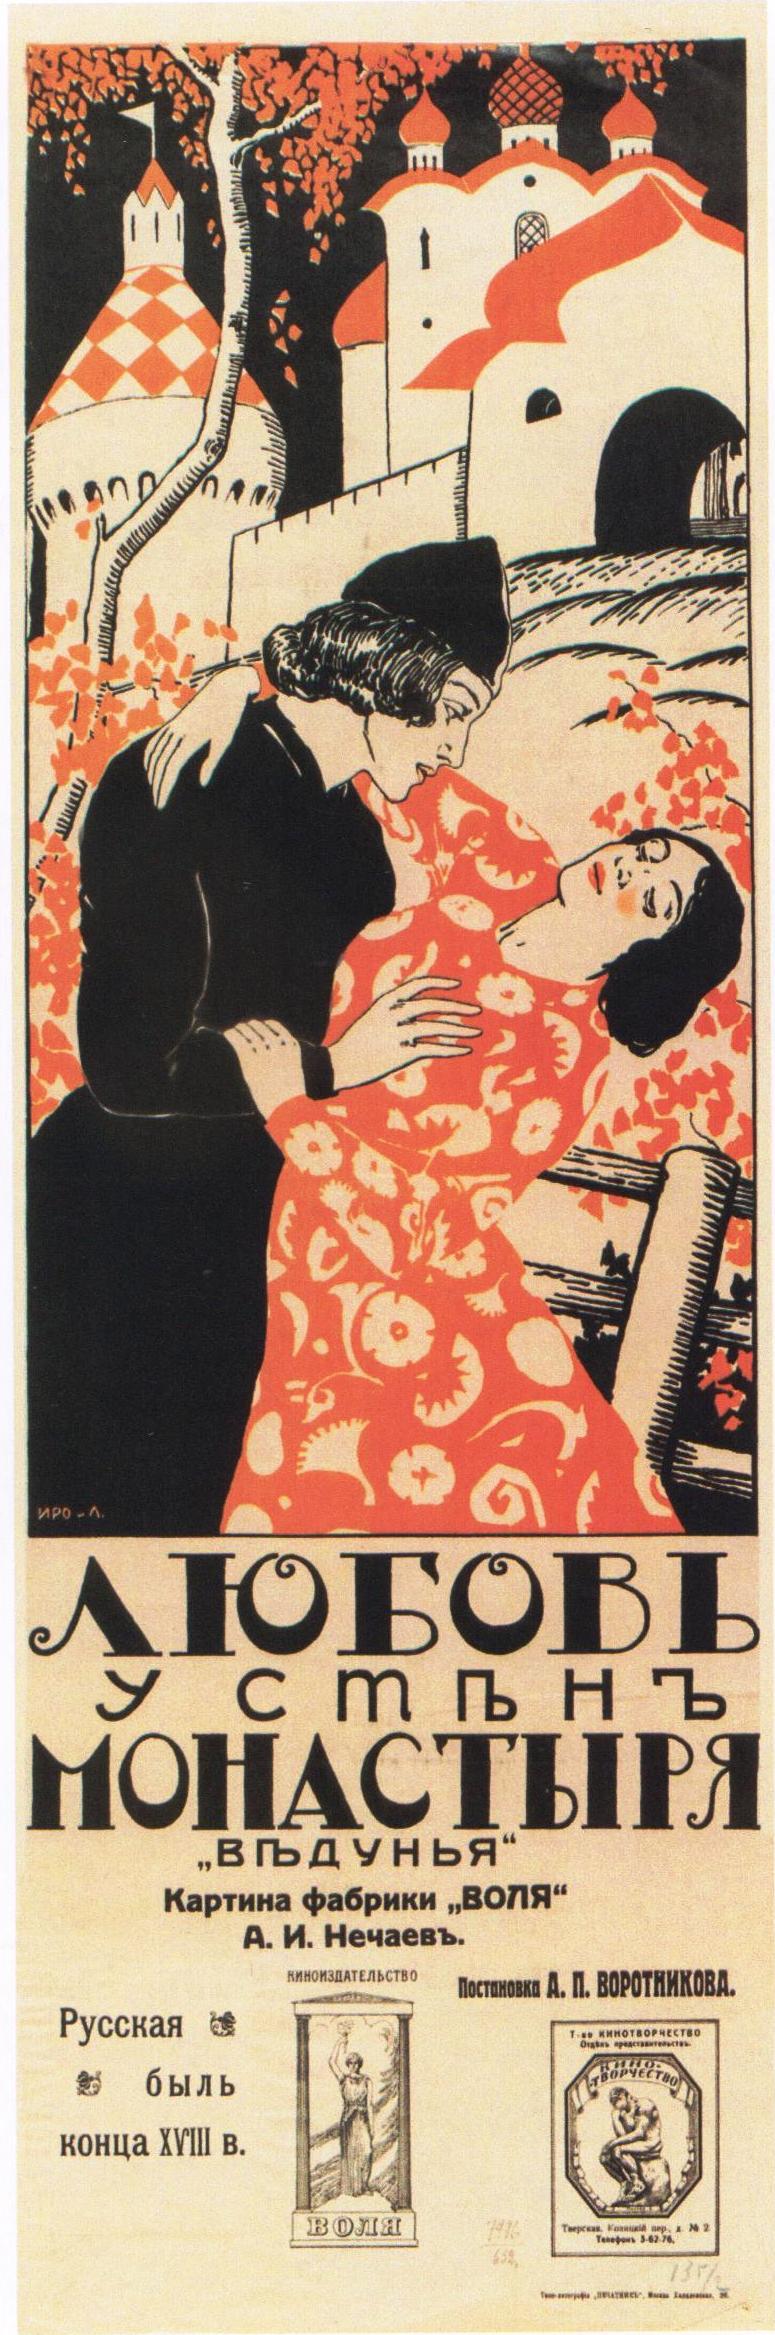 «Любовь у стен монастыря». 1917